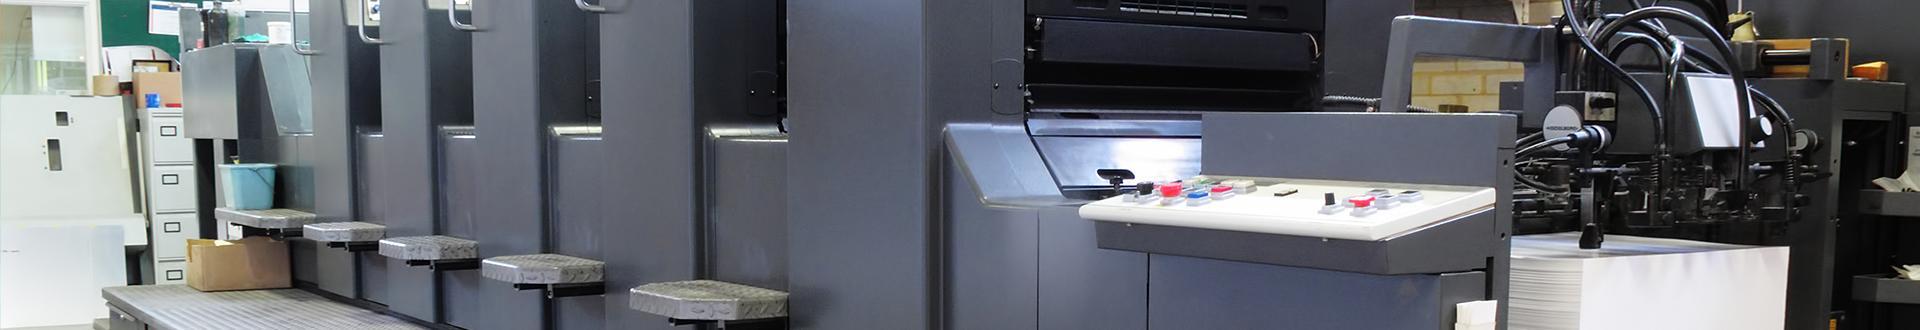 drukarki przemysłowe